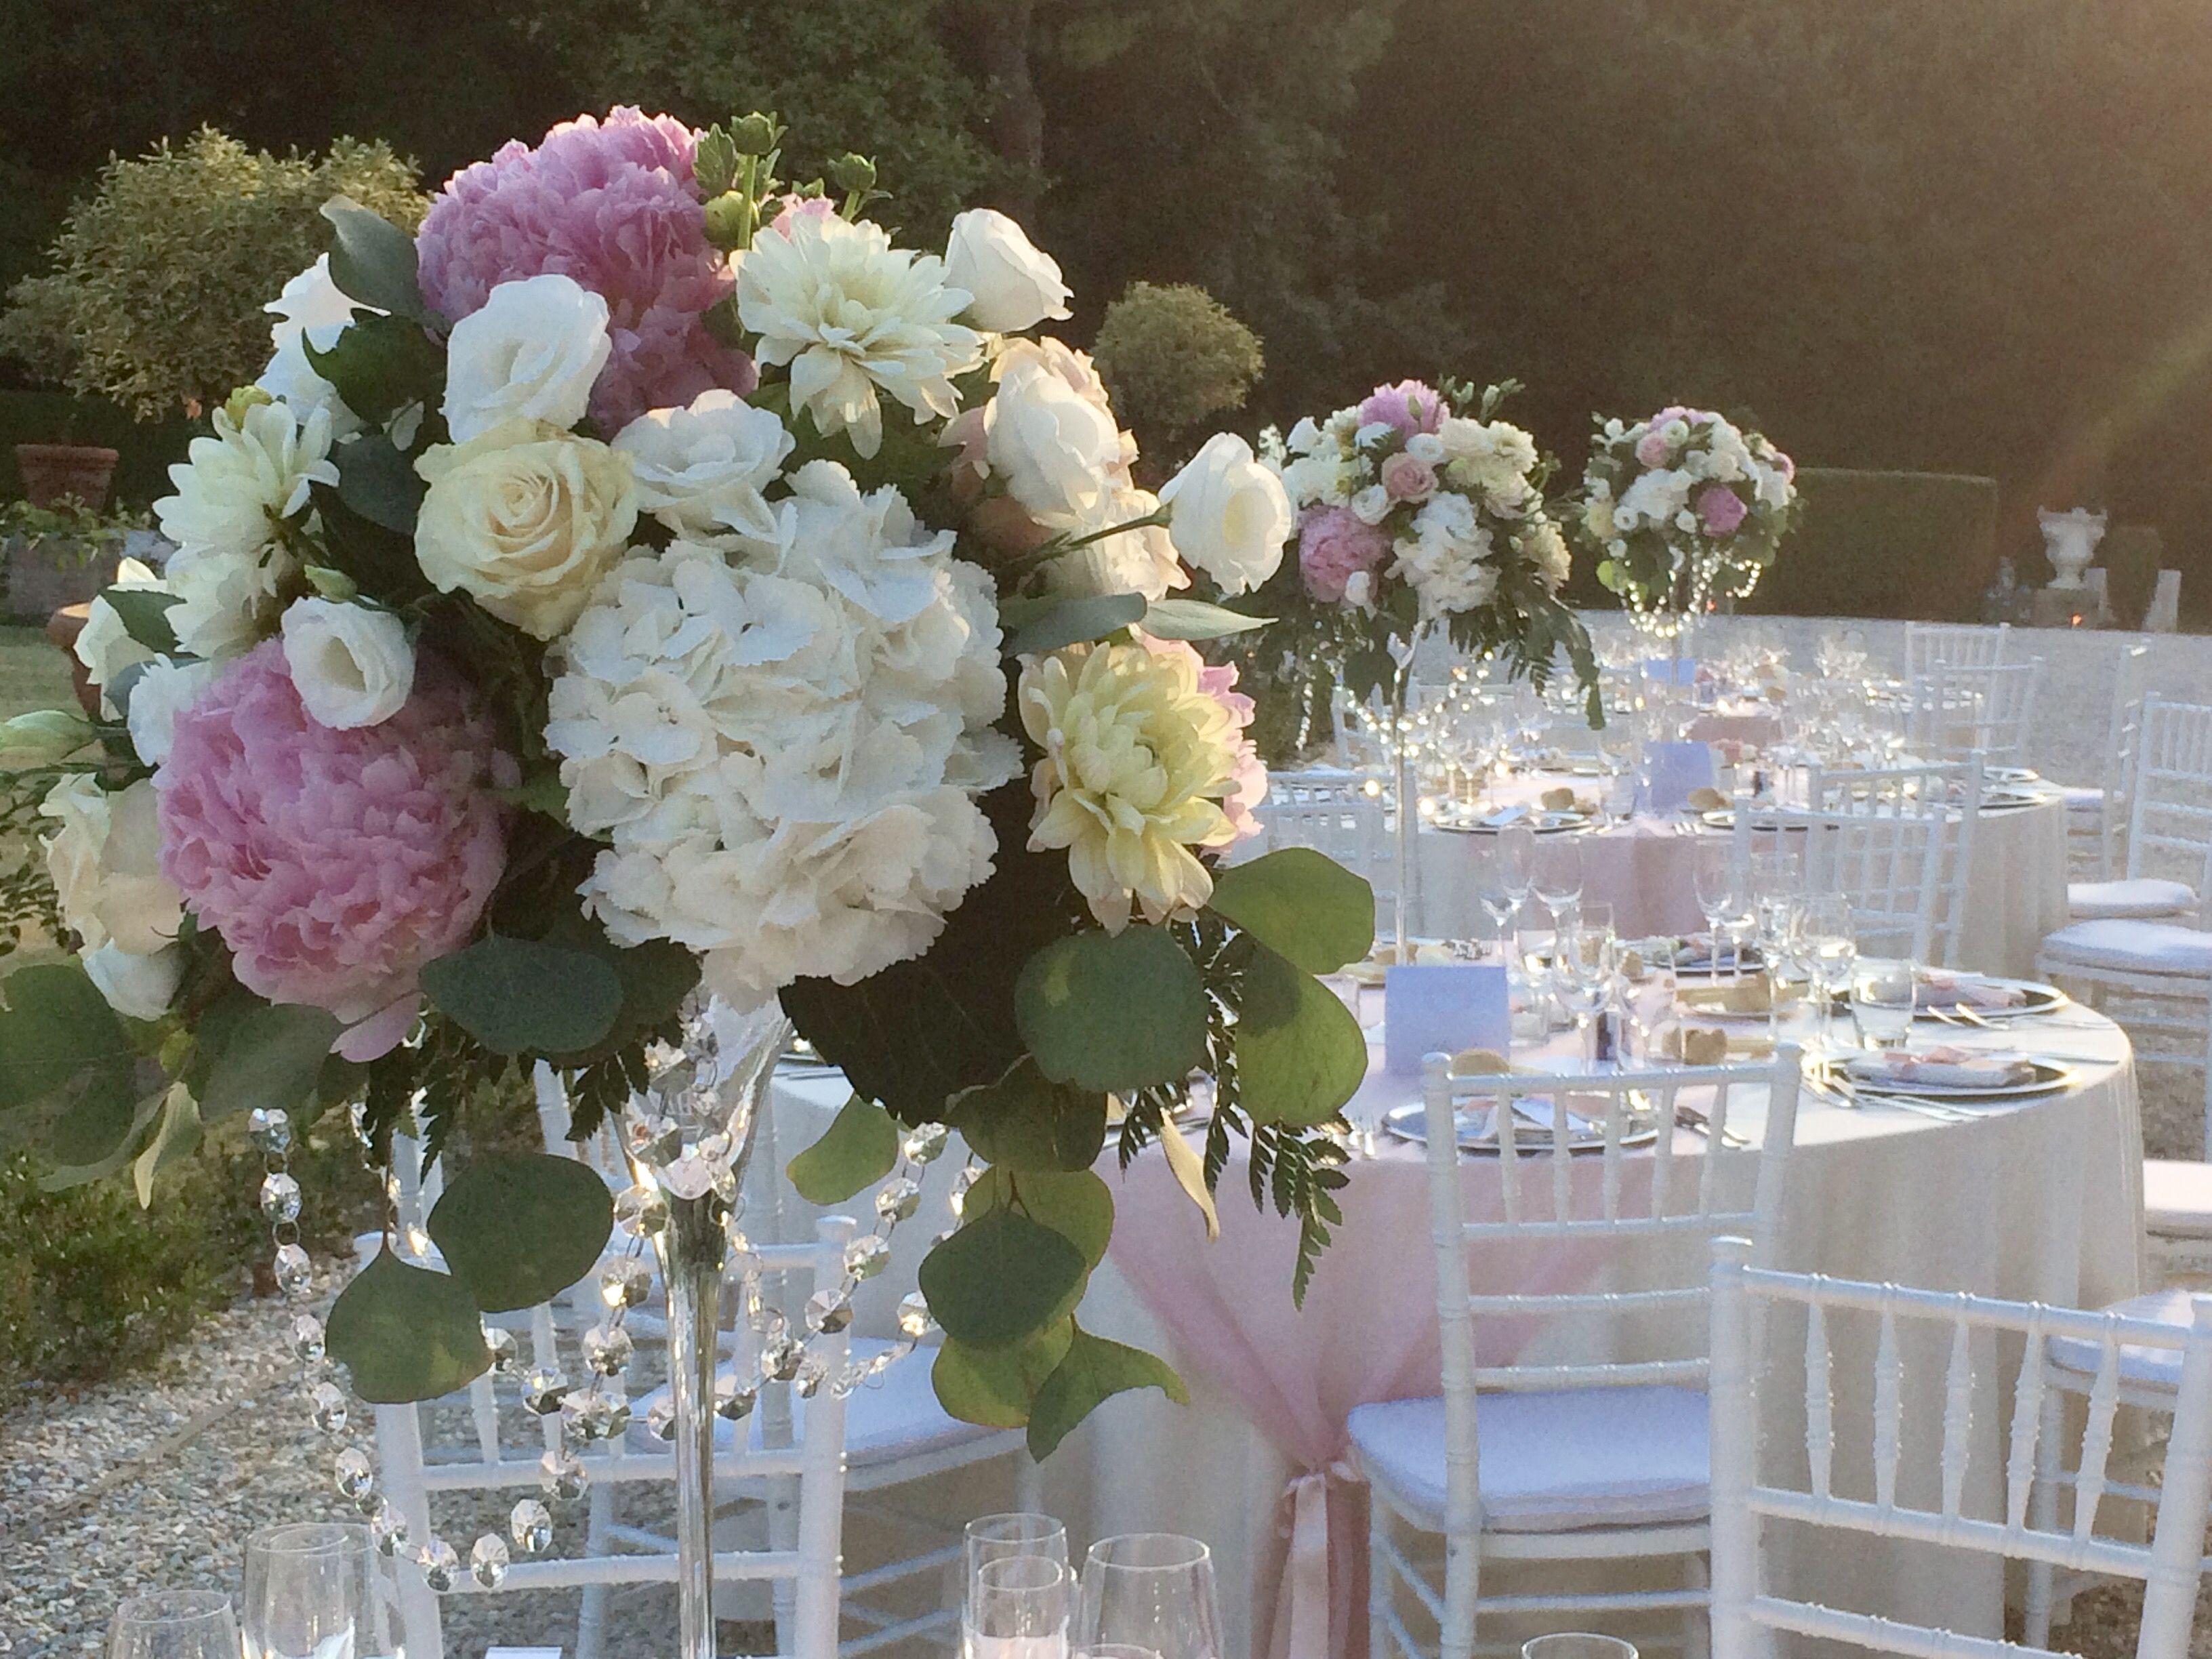 Peonie rosa ortensie bianche e rose avorio per dei centrotavola romantici ed eleganti by - Composizioni floreali per tavoli ...